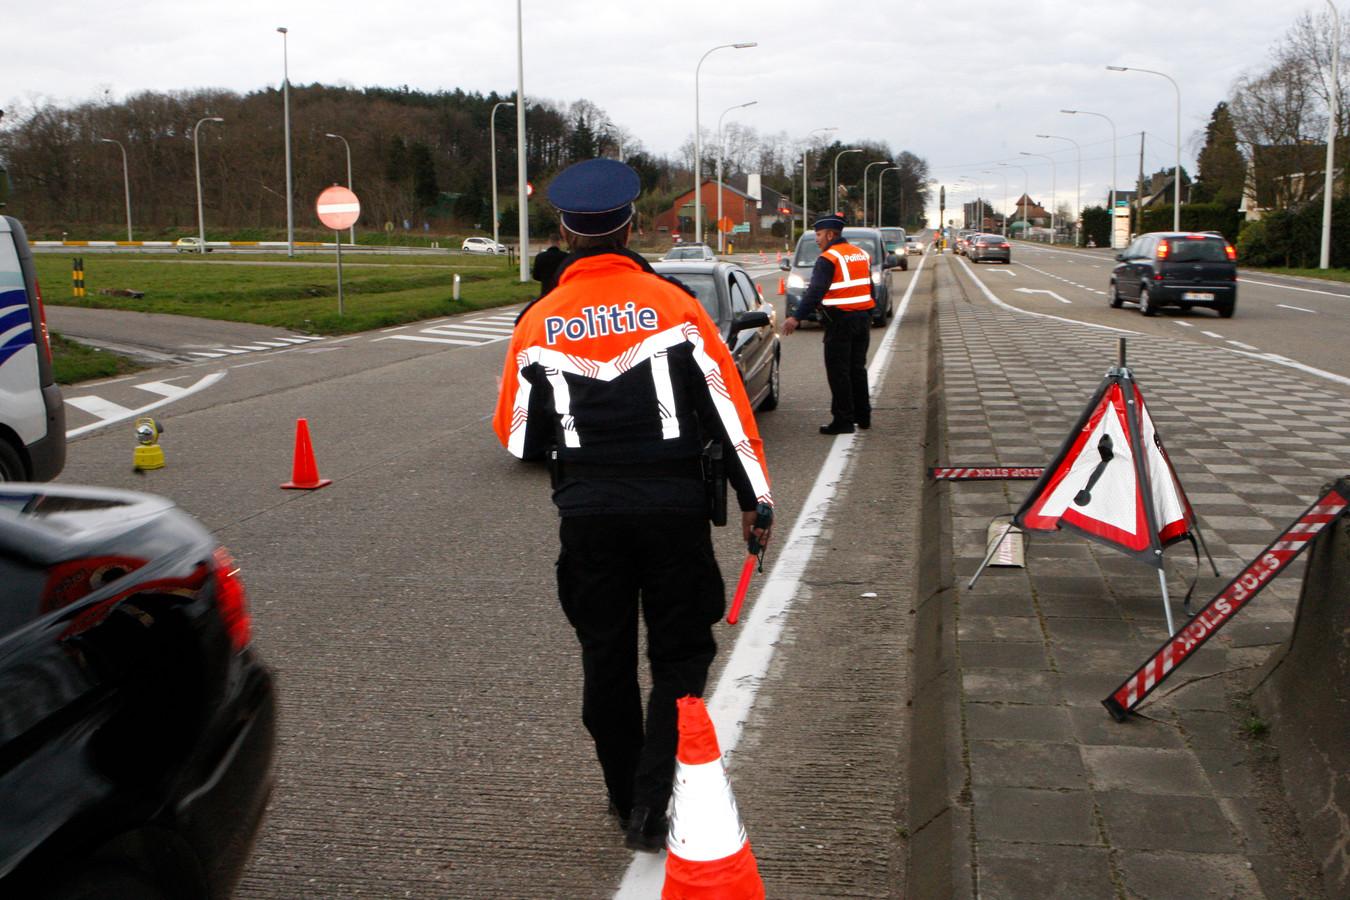 Negentien bestuurders werden uit het verkeer gehaald wegens openstaande boetes.